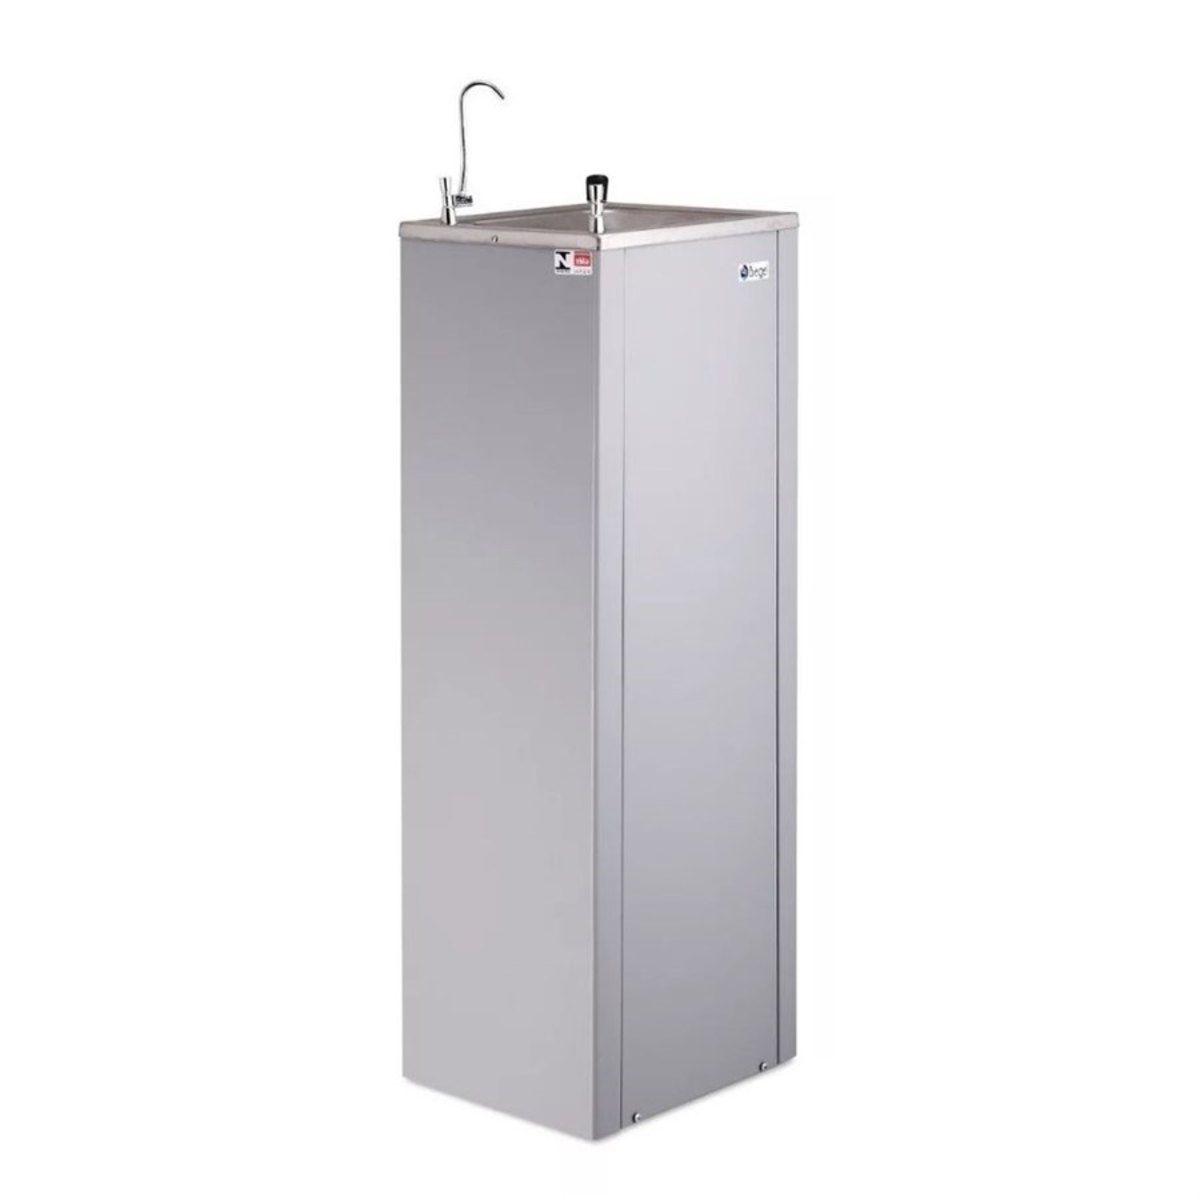 Purificador de Pressão Begel Eletrozincado - BRX40 ELETROZINCADO